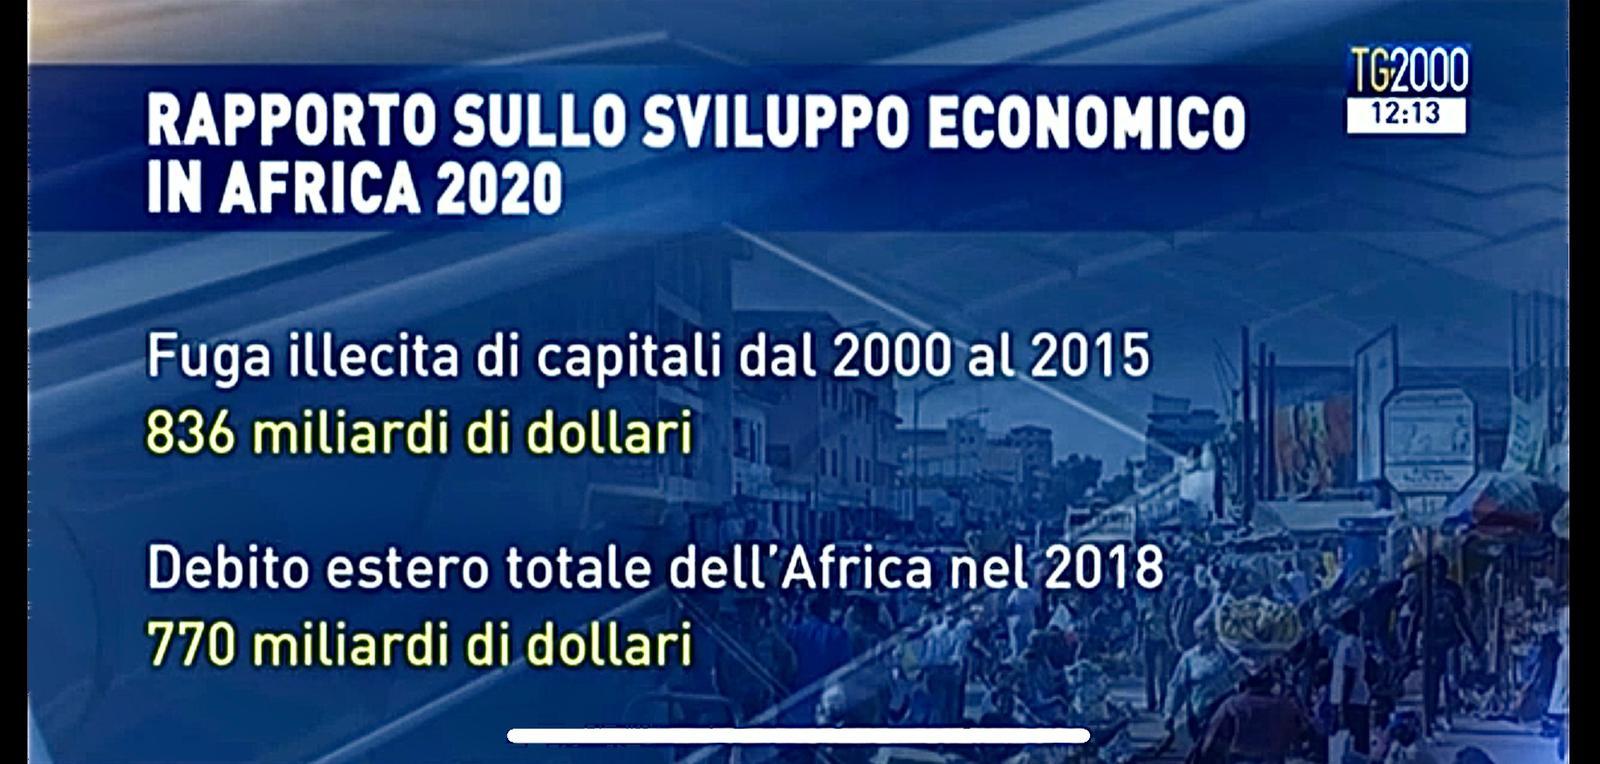 Rapporto Sviluppo 2020, Africa Derubata Ogni Anno Di 89 Miliardi Di Dollari